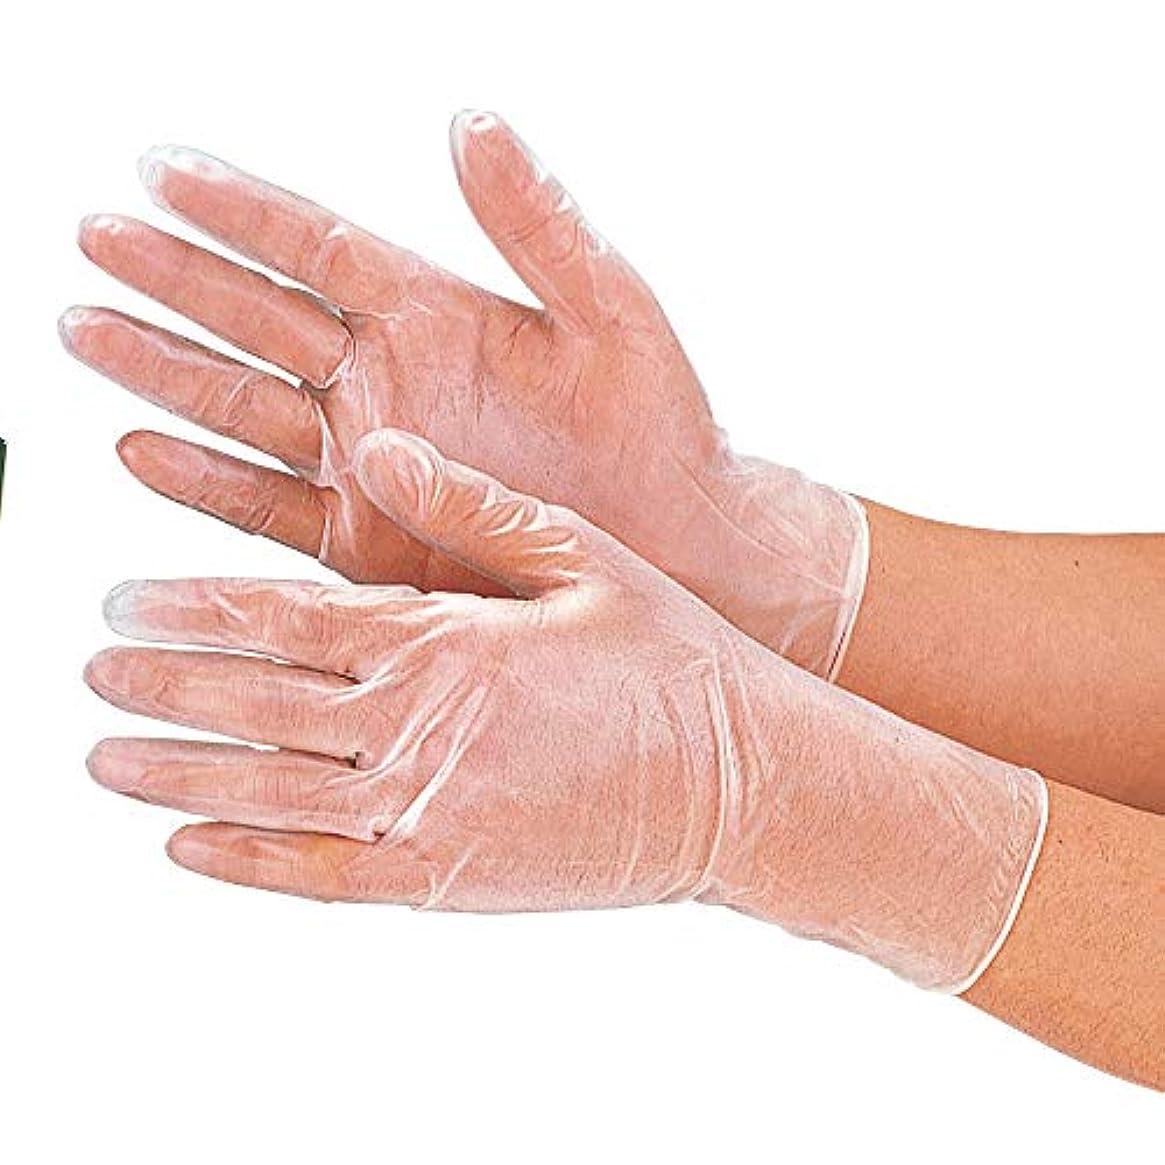 ギャラリー順応性願うおたふく手袋 プラスチックディスポ手袋 100枚入り #255 S/M/L